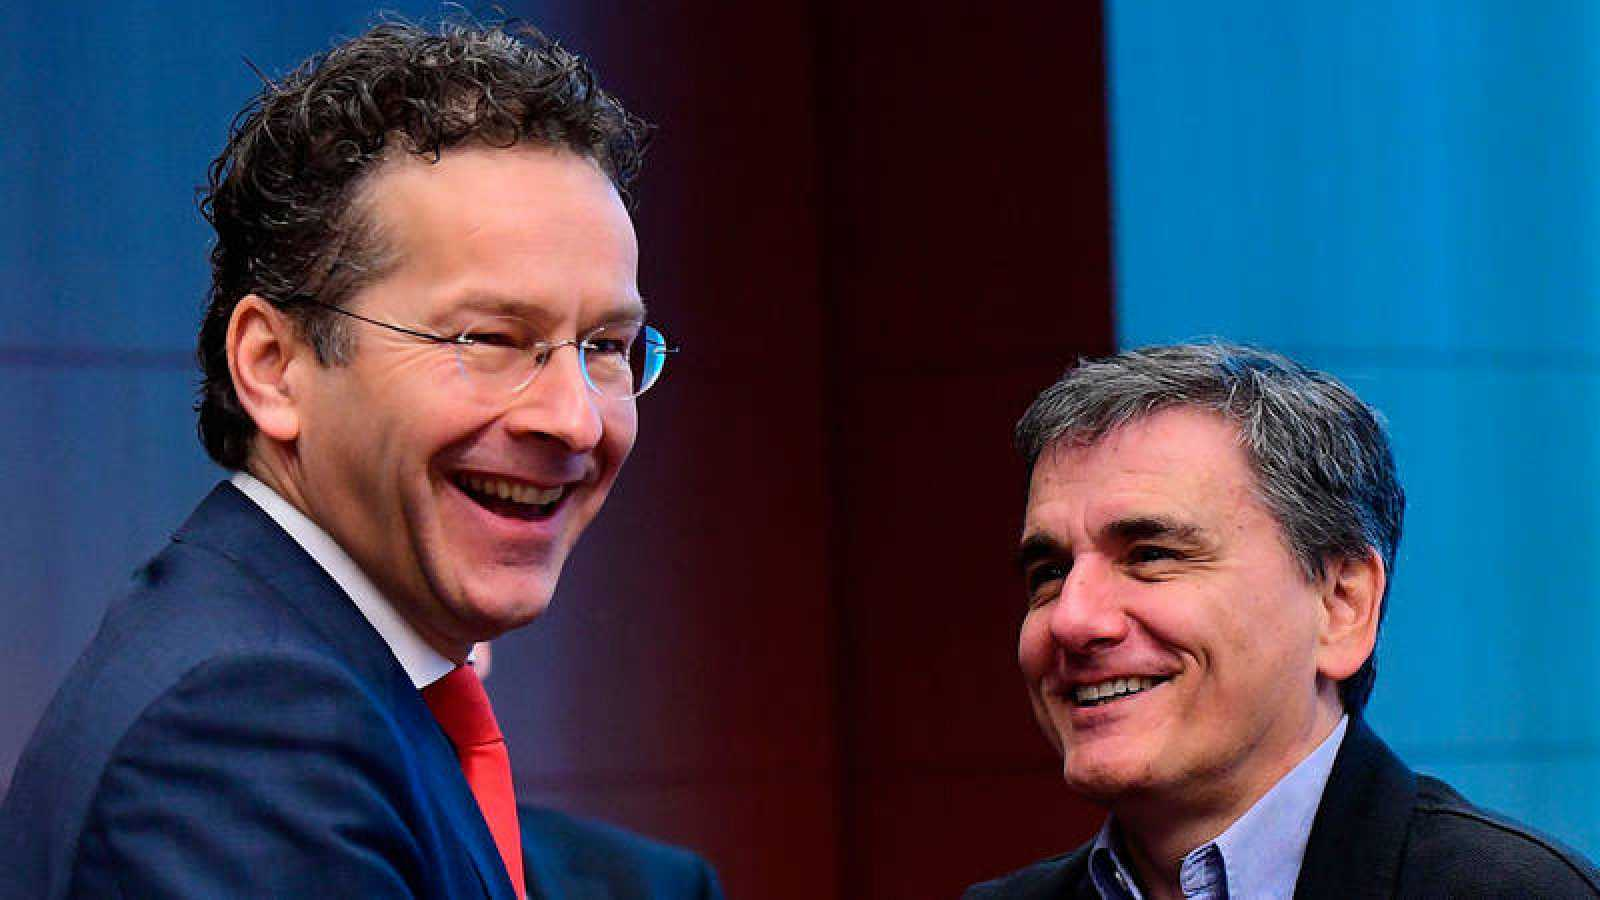 El presidente del Eurogrupo, Jeroen Dijsselbloem (L), y el ministro griego de Finanzas, Euclid Tsakalotos